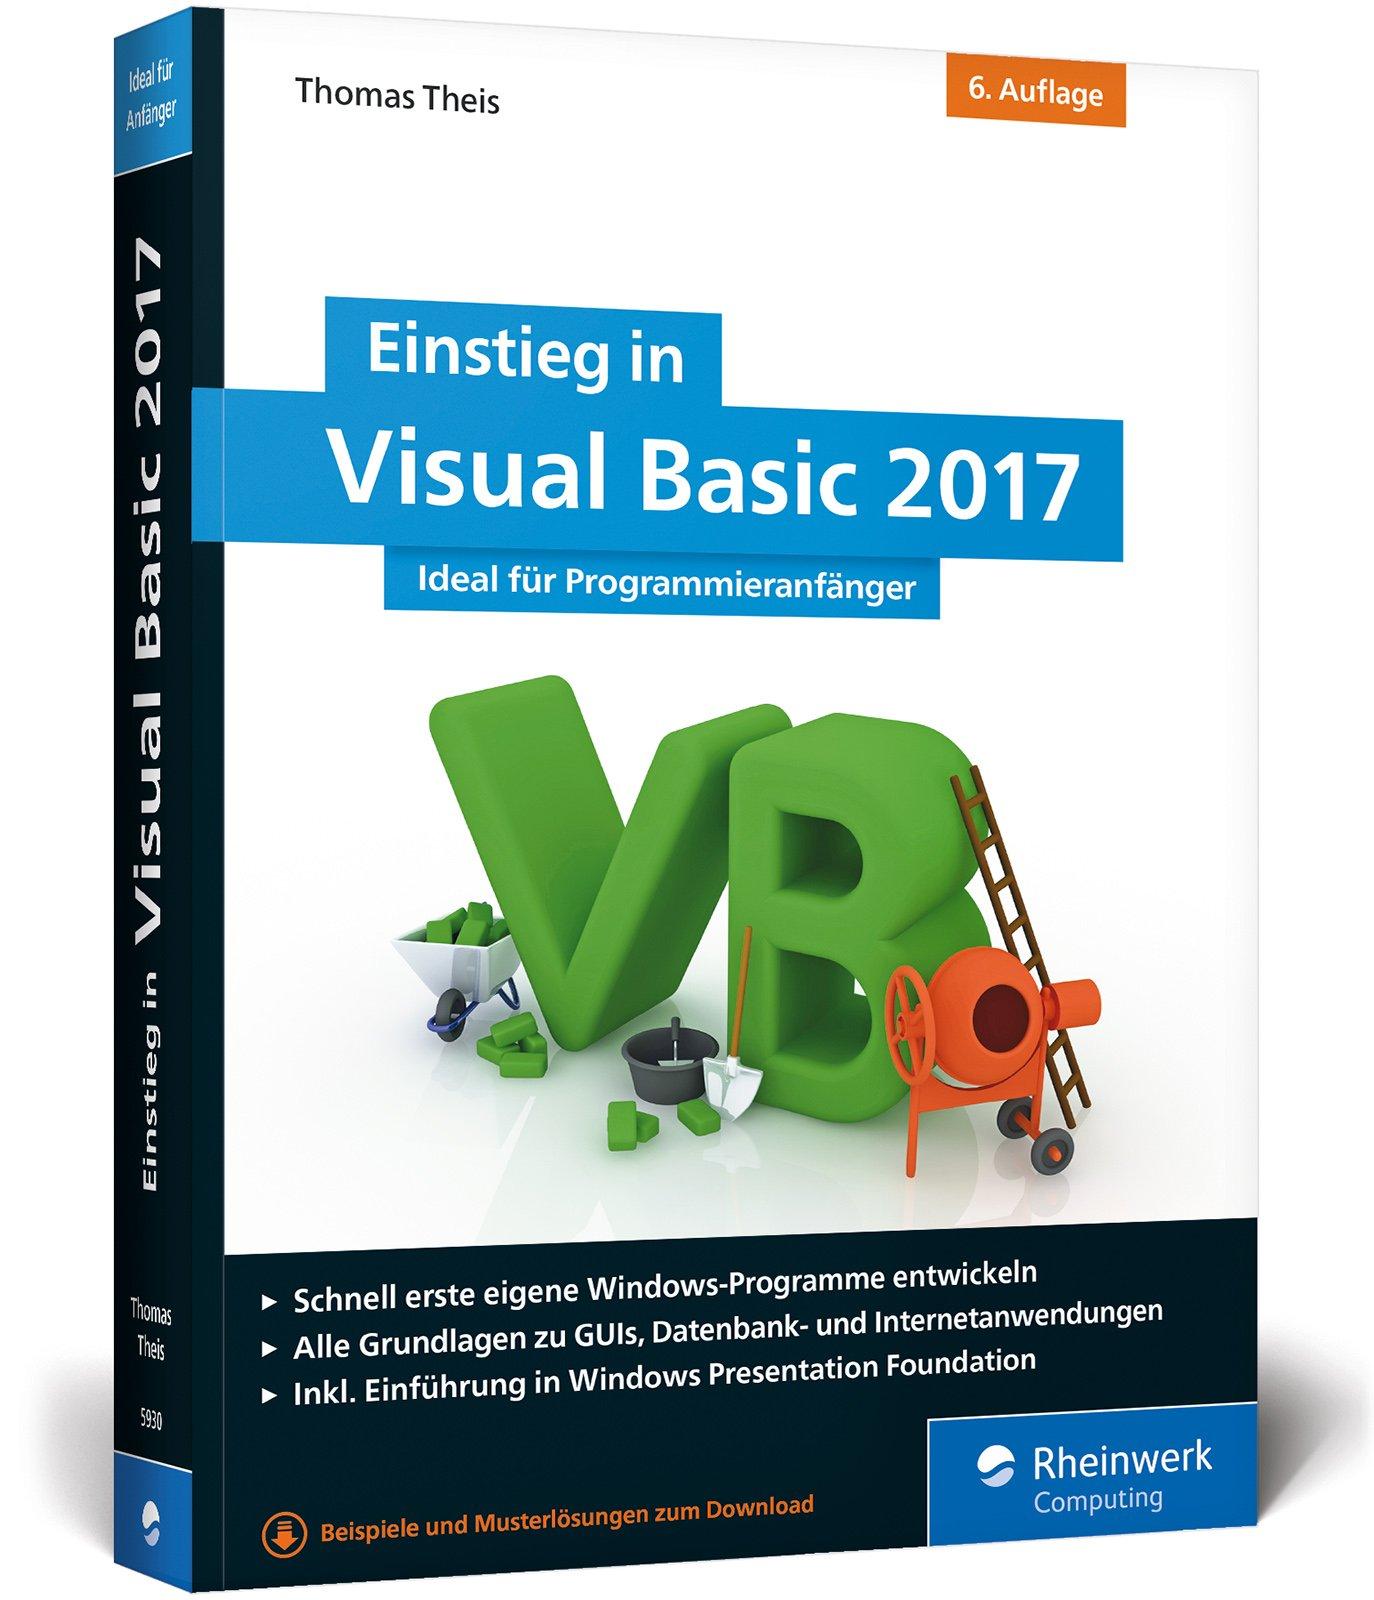 Einstieg in Visual Basic 2017: Ideal für Programmieranfänger Broschiert – 31. Juli 2017 Thomas Theis Rheinwerk Computing 3836259303 COMPUTERS / General